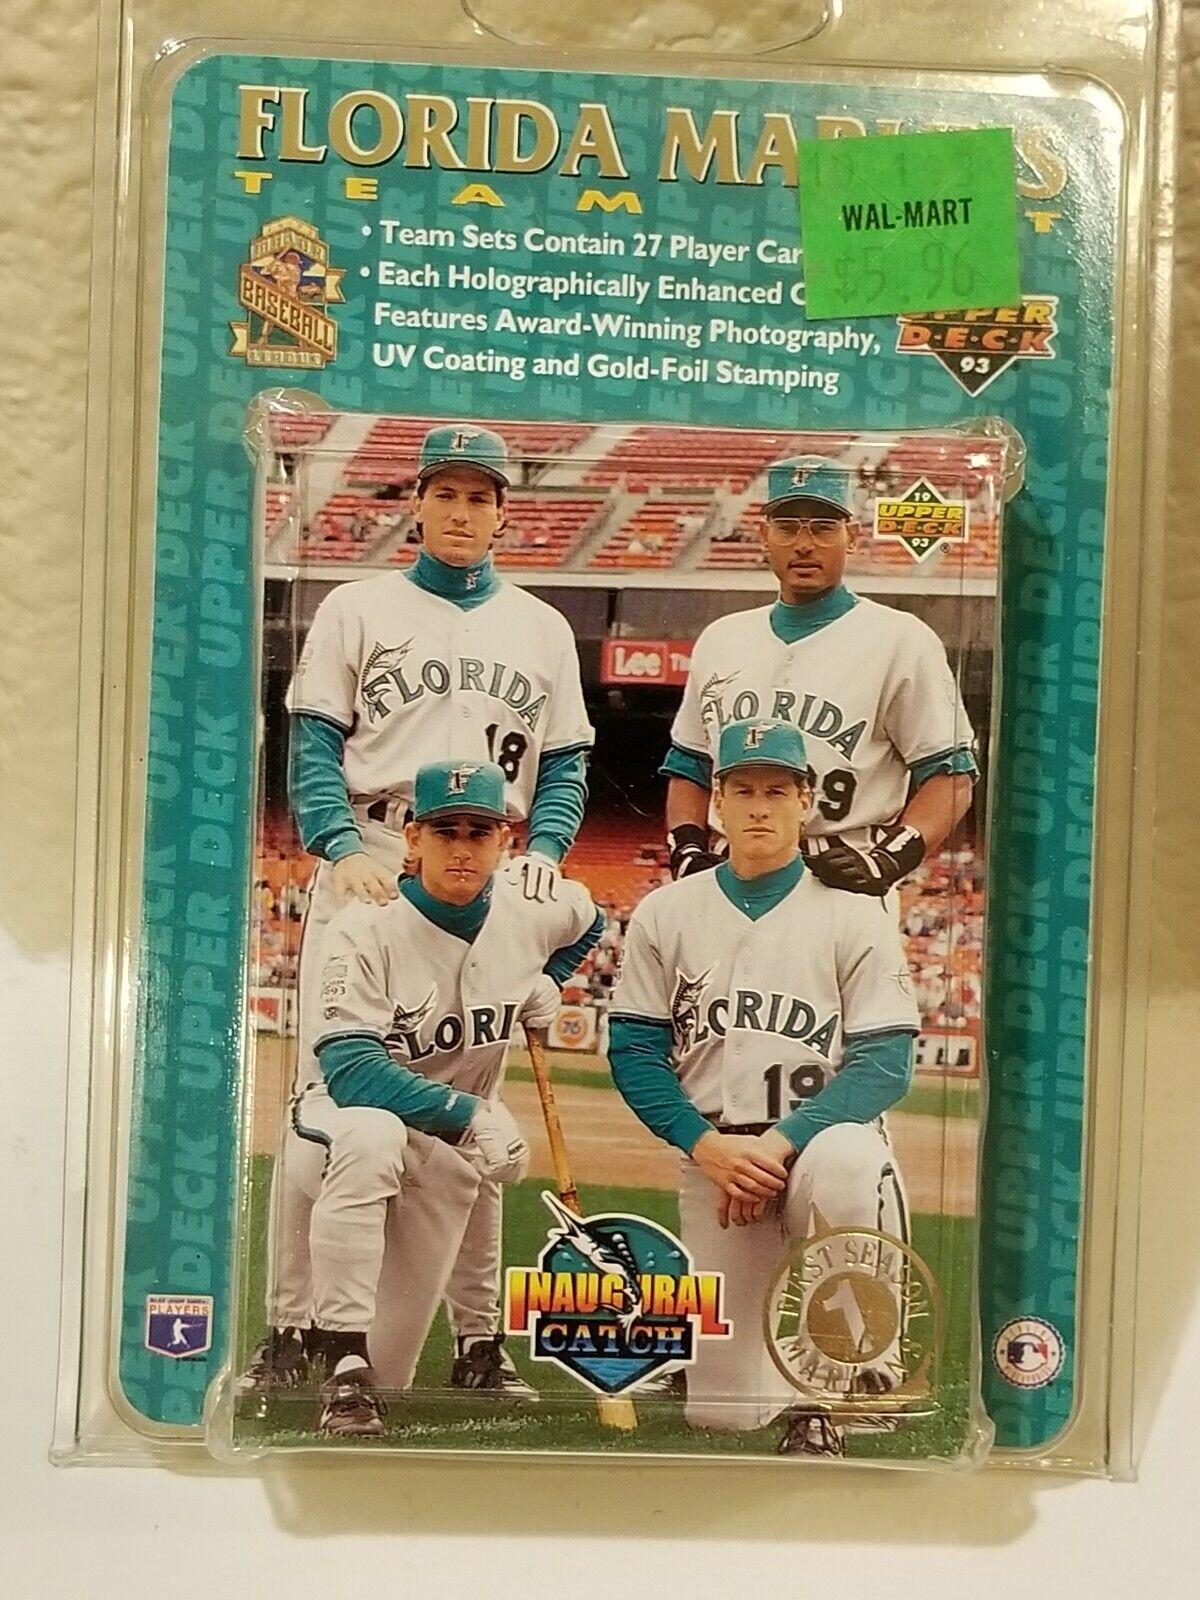 Orestes Destrade Jeff Conine 1st Year for Marlins 1993 Florida Marlins Upper Deck Baseball Team Set